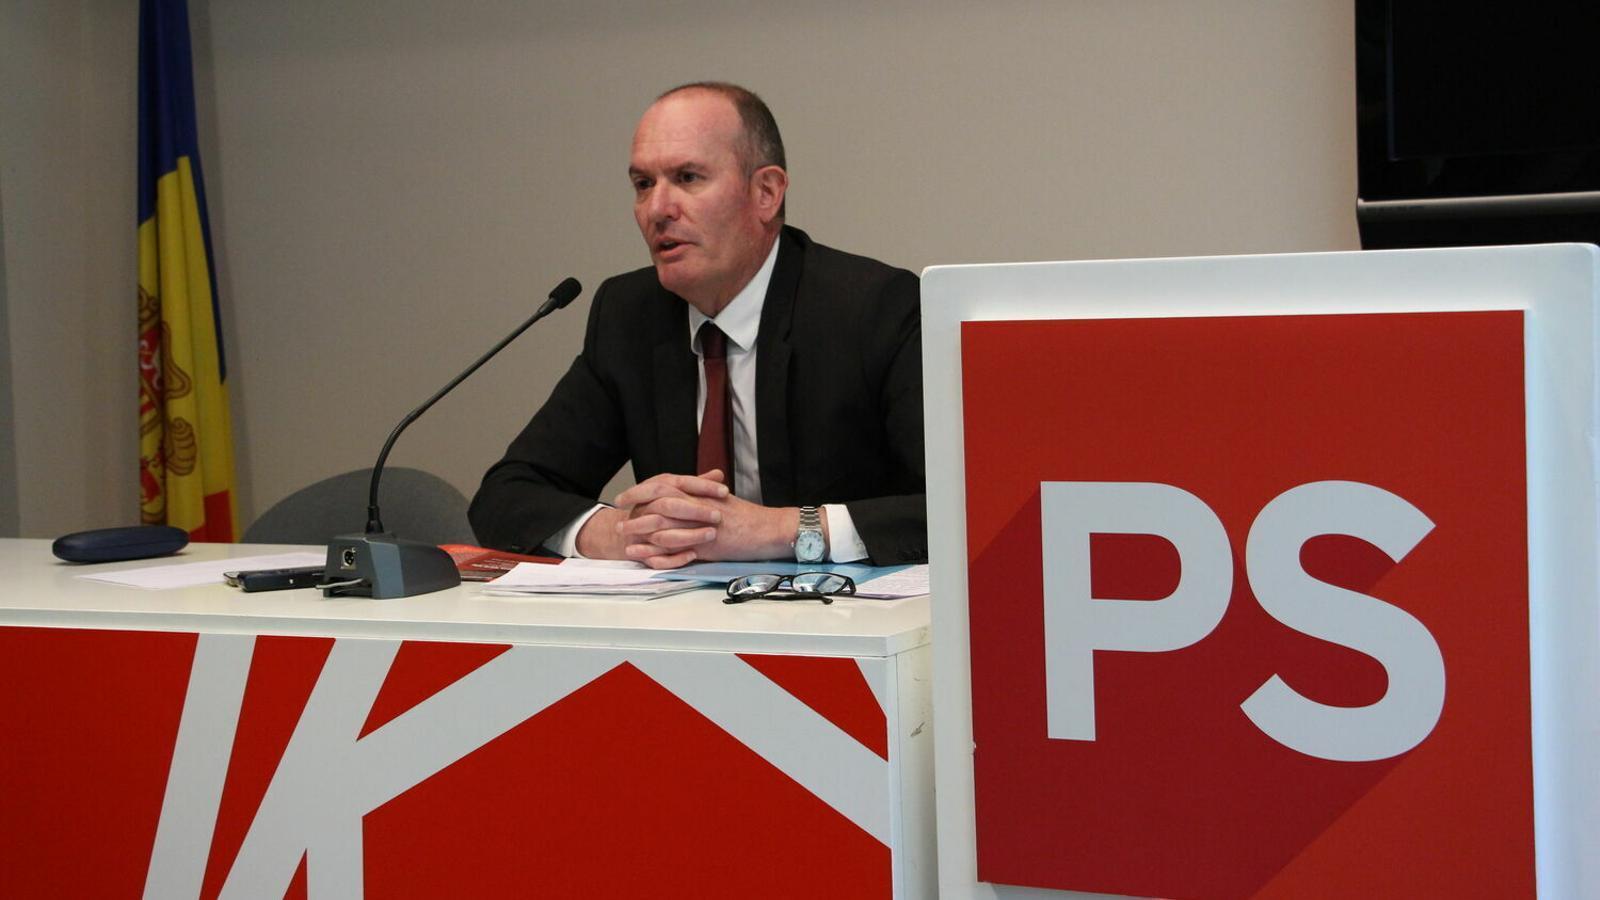 El conseller general del grup parlamentari socialdemòcrata, Joaquim Miró. / M. M.